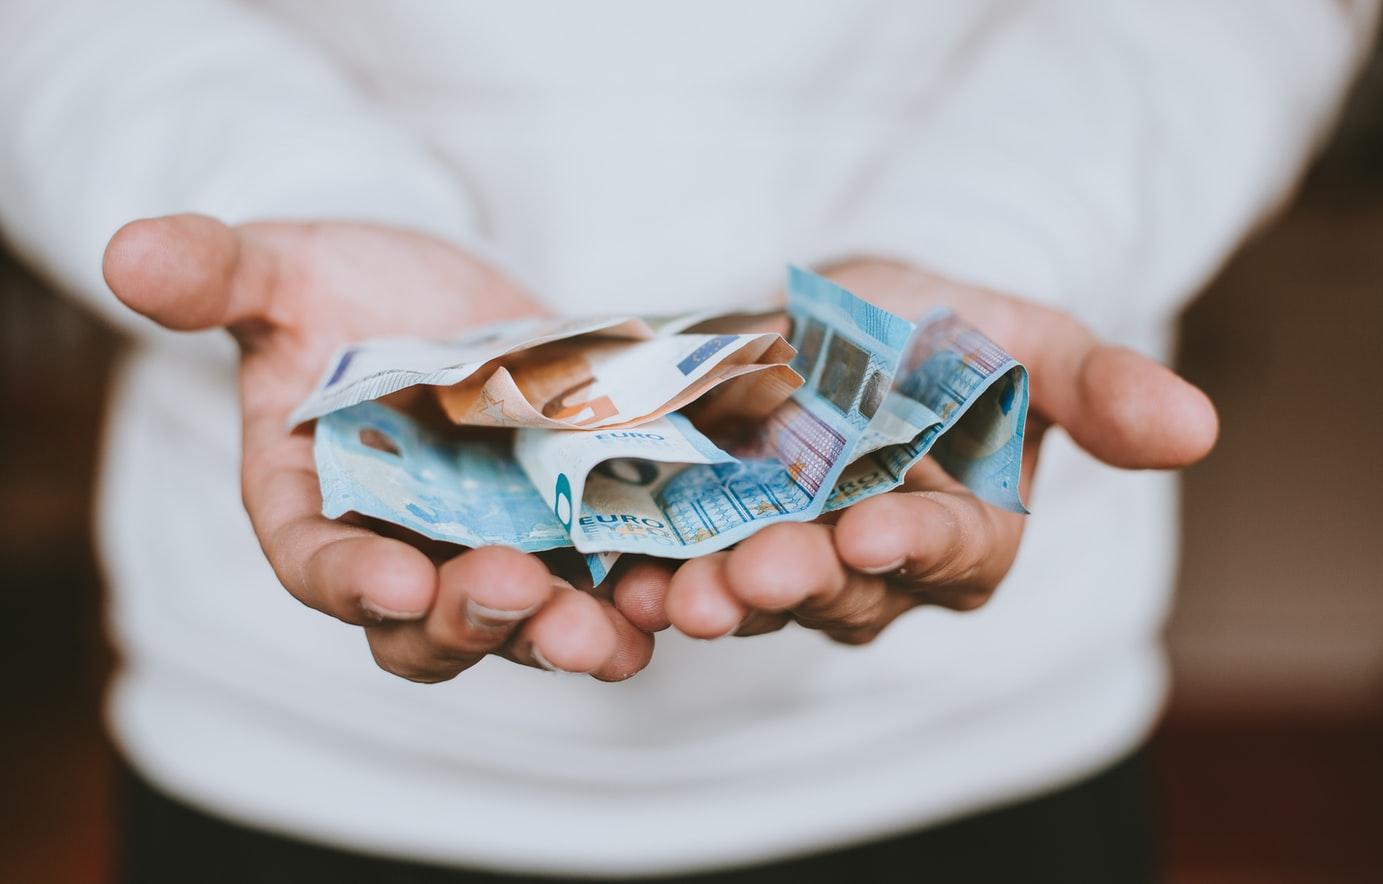 Cyfrowy pieniądz - czy wyprze gotówkę?